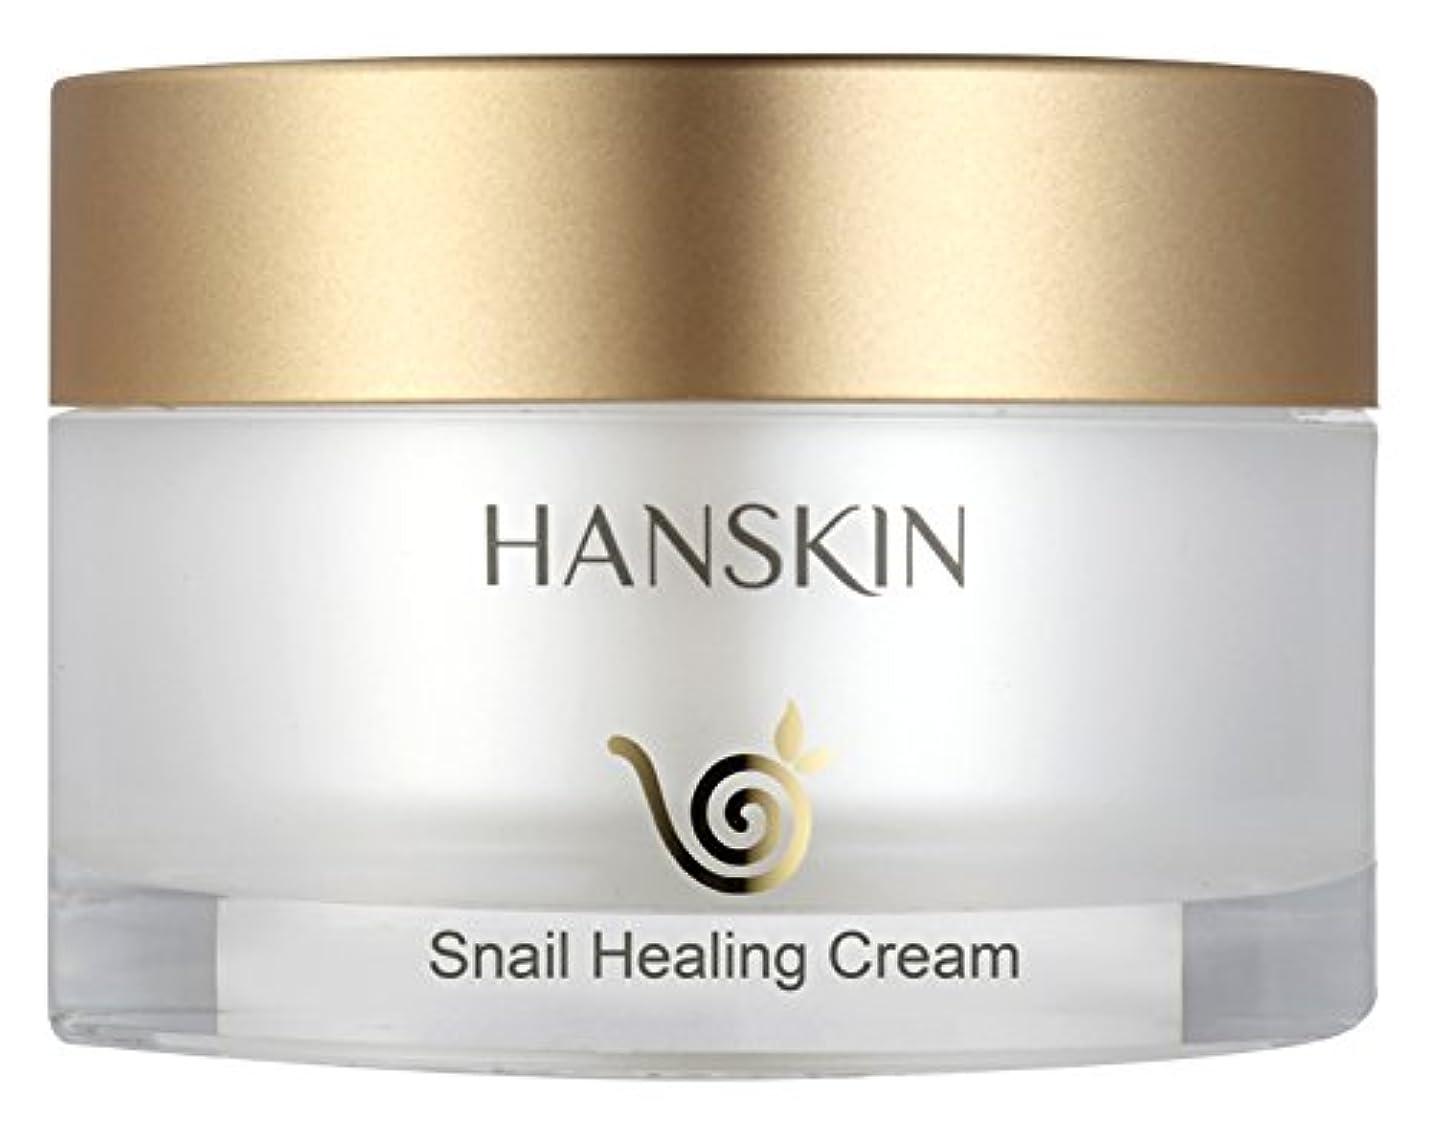 毒傾向があります露HANSKIN ハンスキン 『カタツムリシリーズ』 スネイル ヒーリング クリーム 50g (美容クリーム)